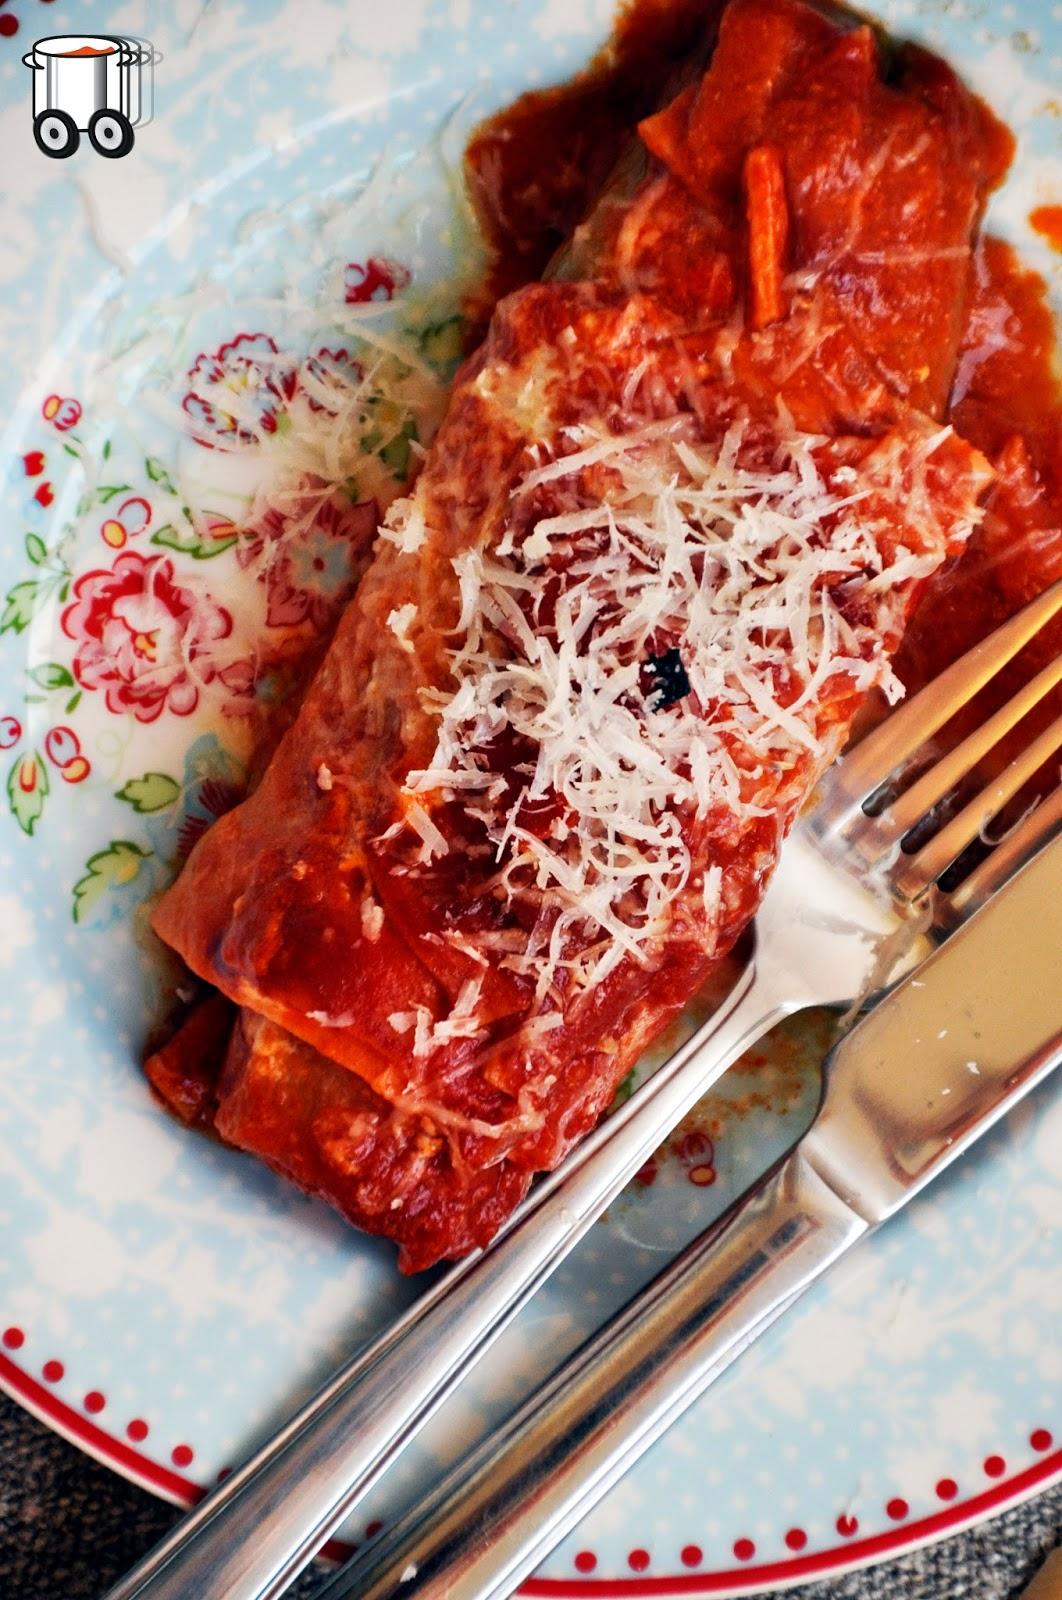 Szybko Tanio Smacznie - Cykorie zapiekane w sosie pomidorowym